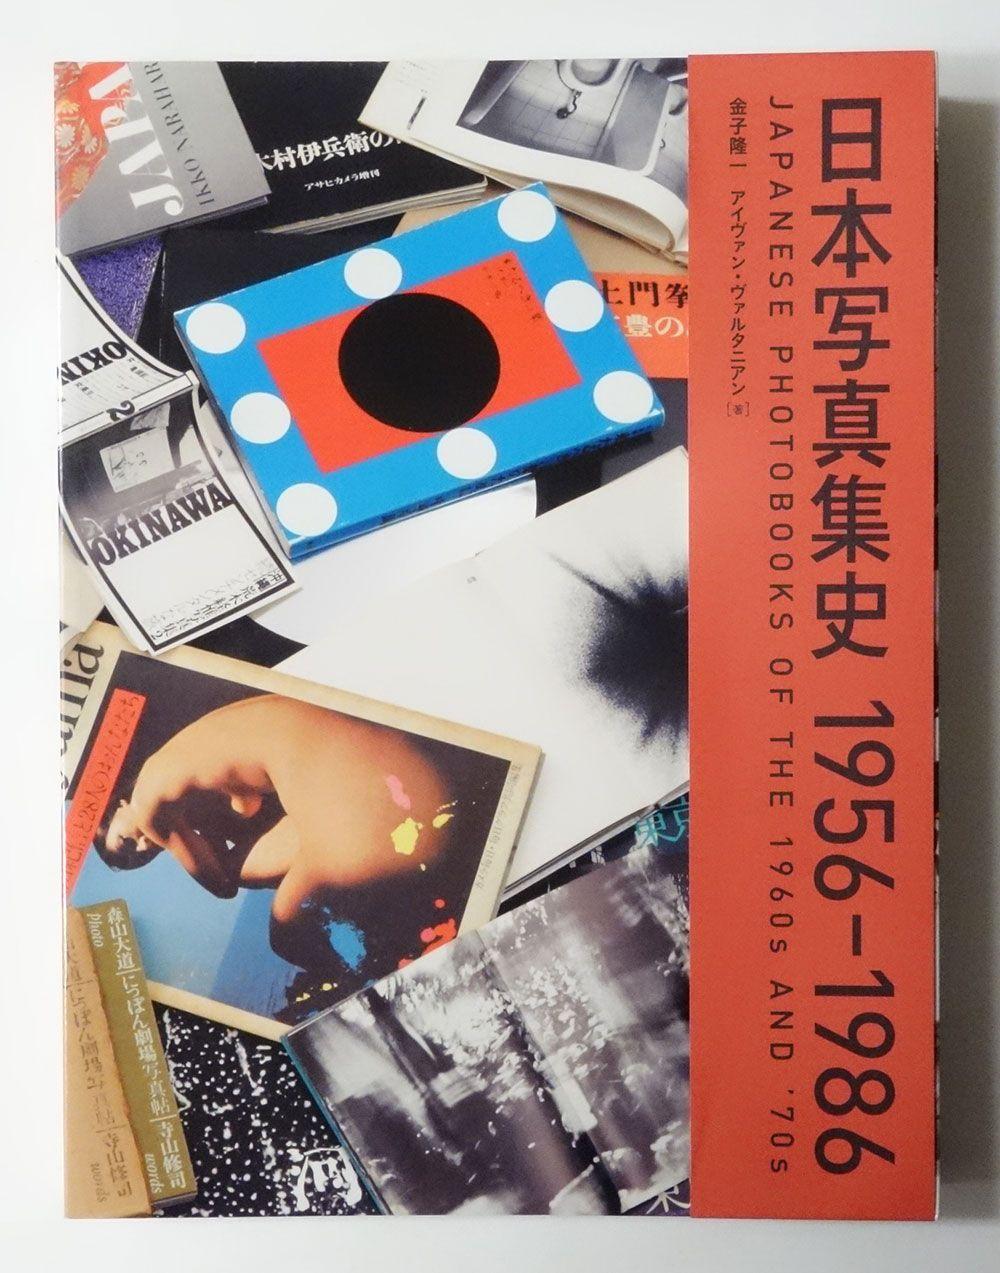 日本写真集史 1956-1986 | 金子隆一 アイヴァン・ヴァルタニアン